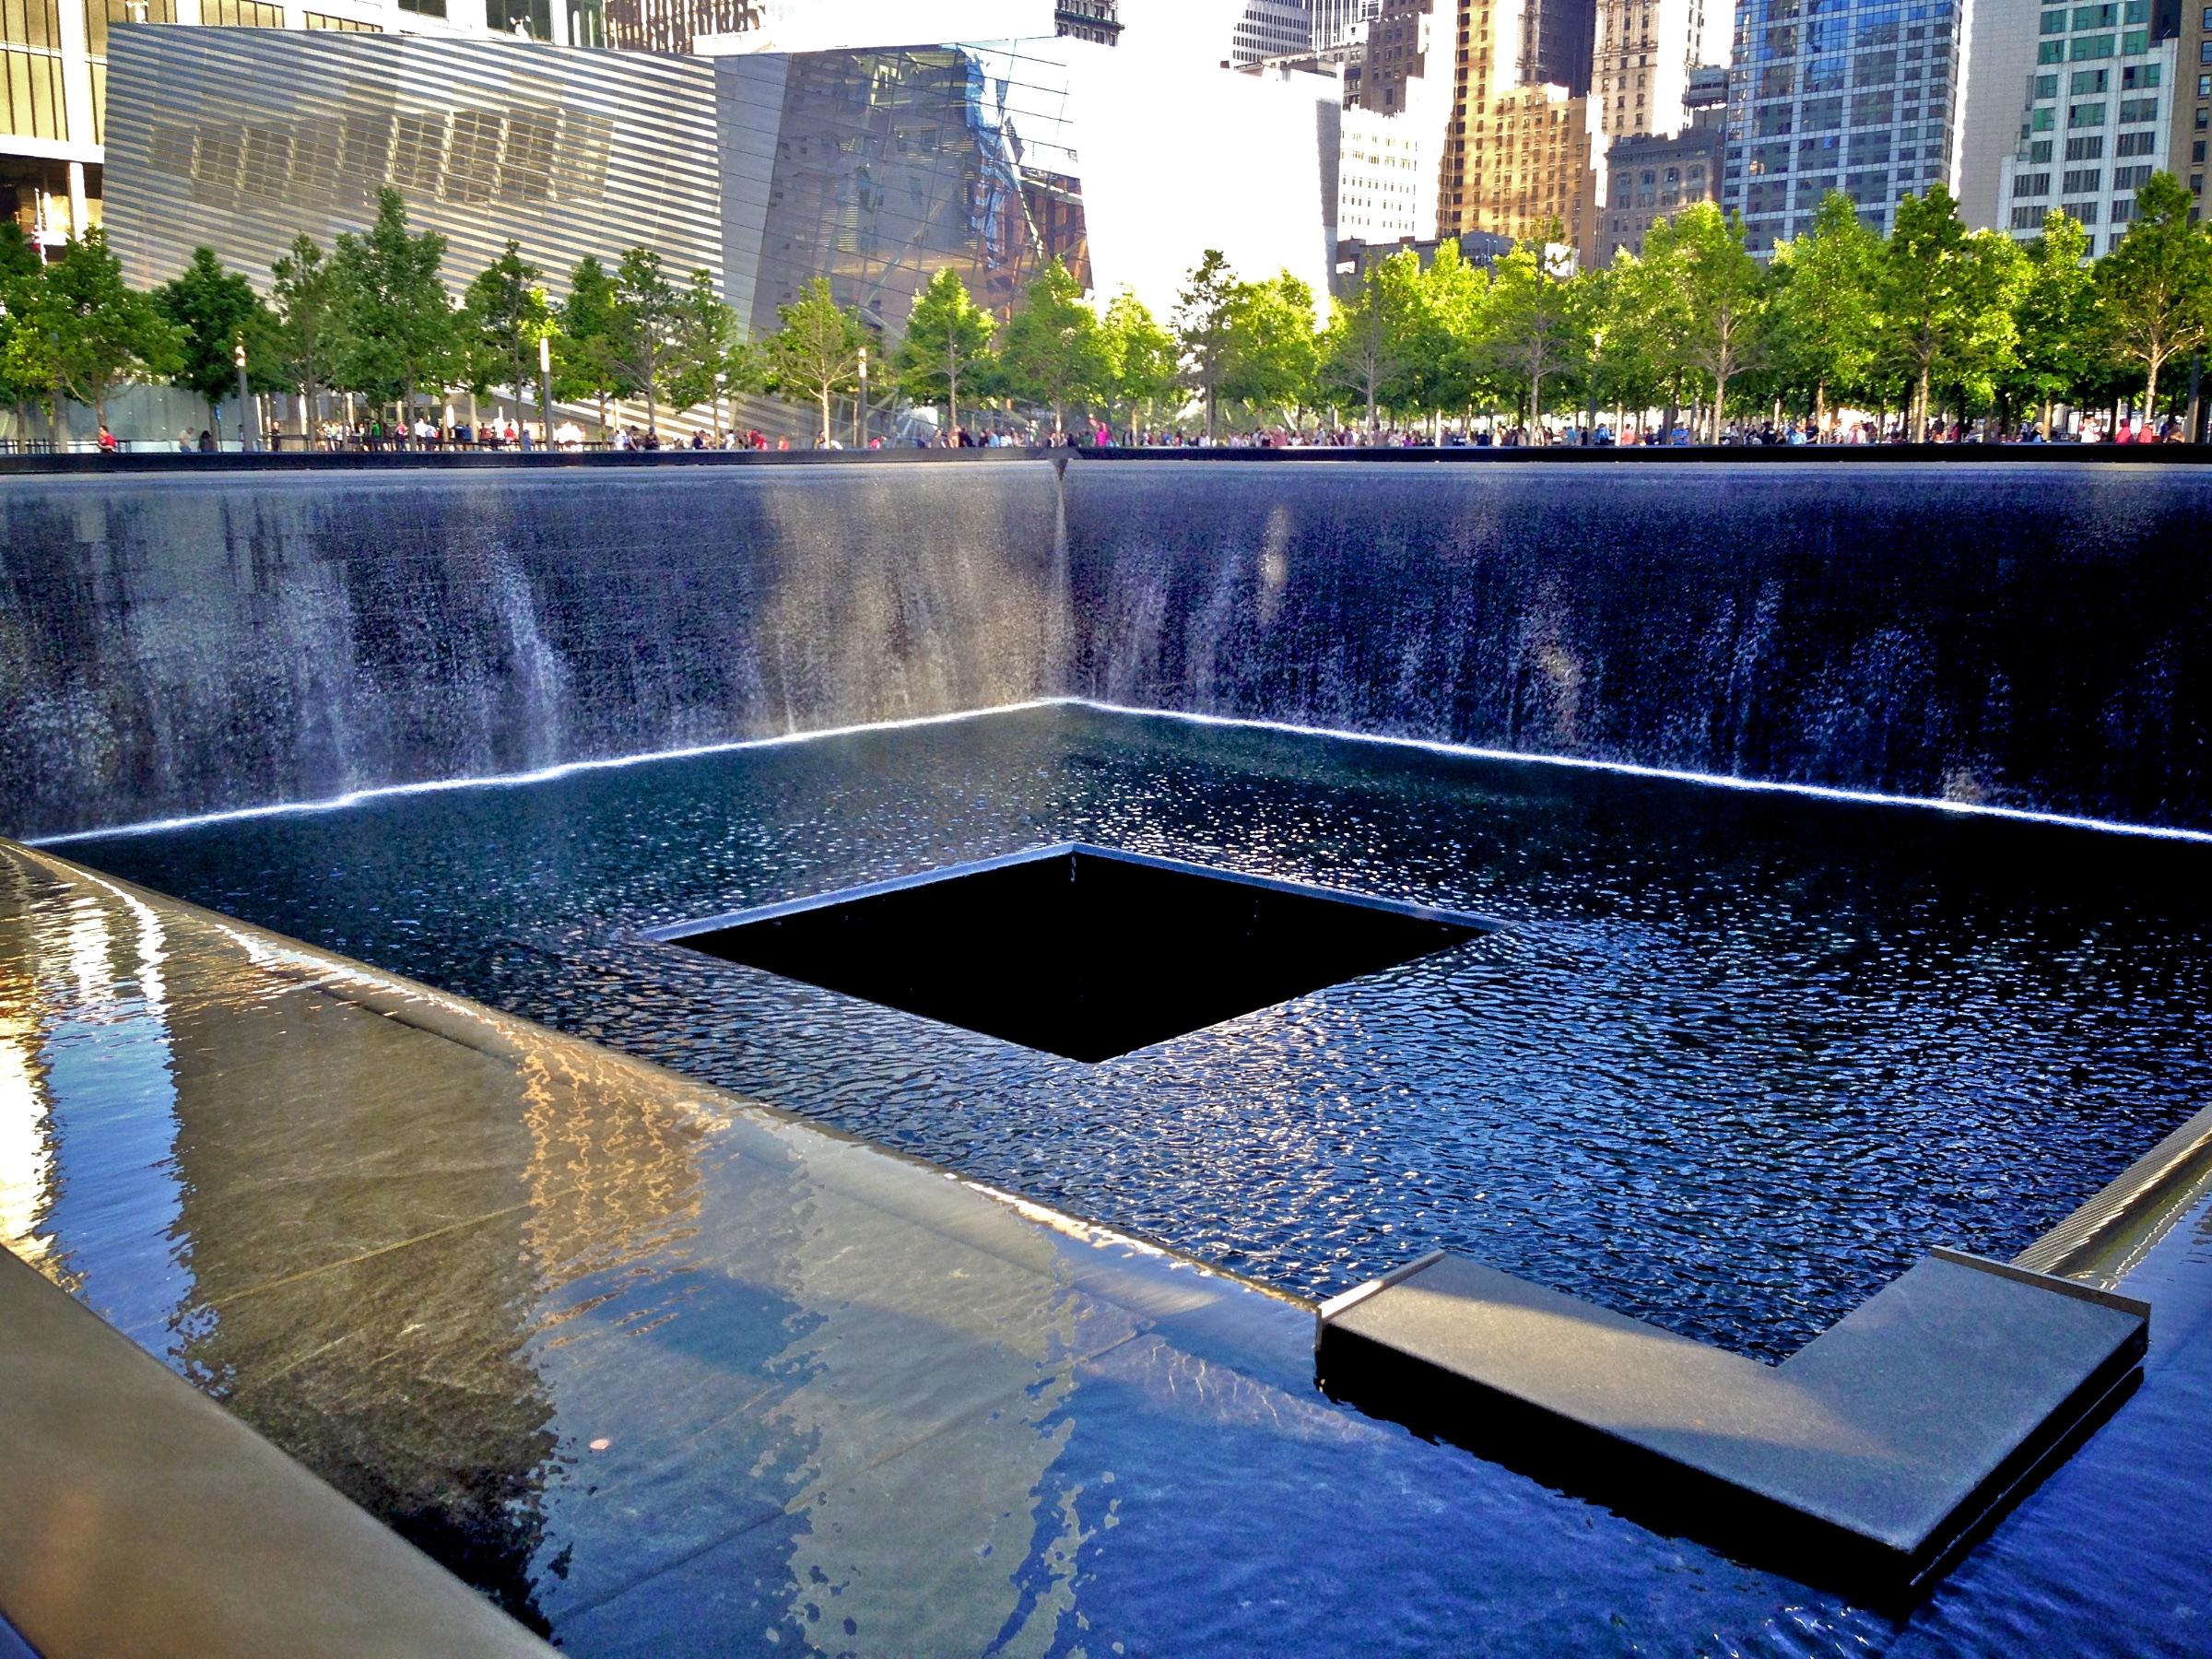 Das 911-Denkmal